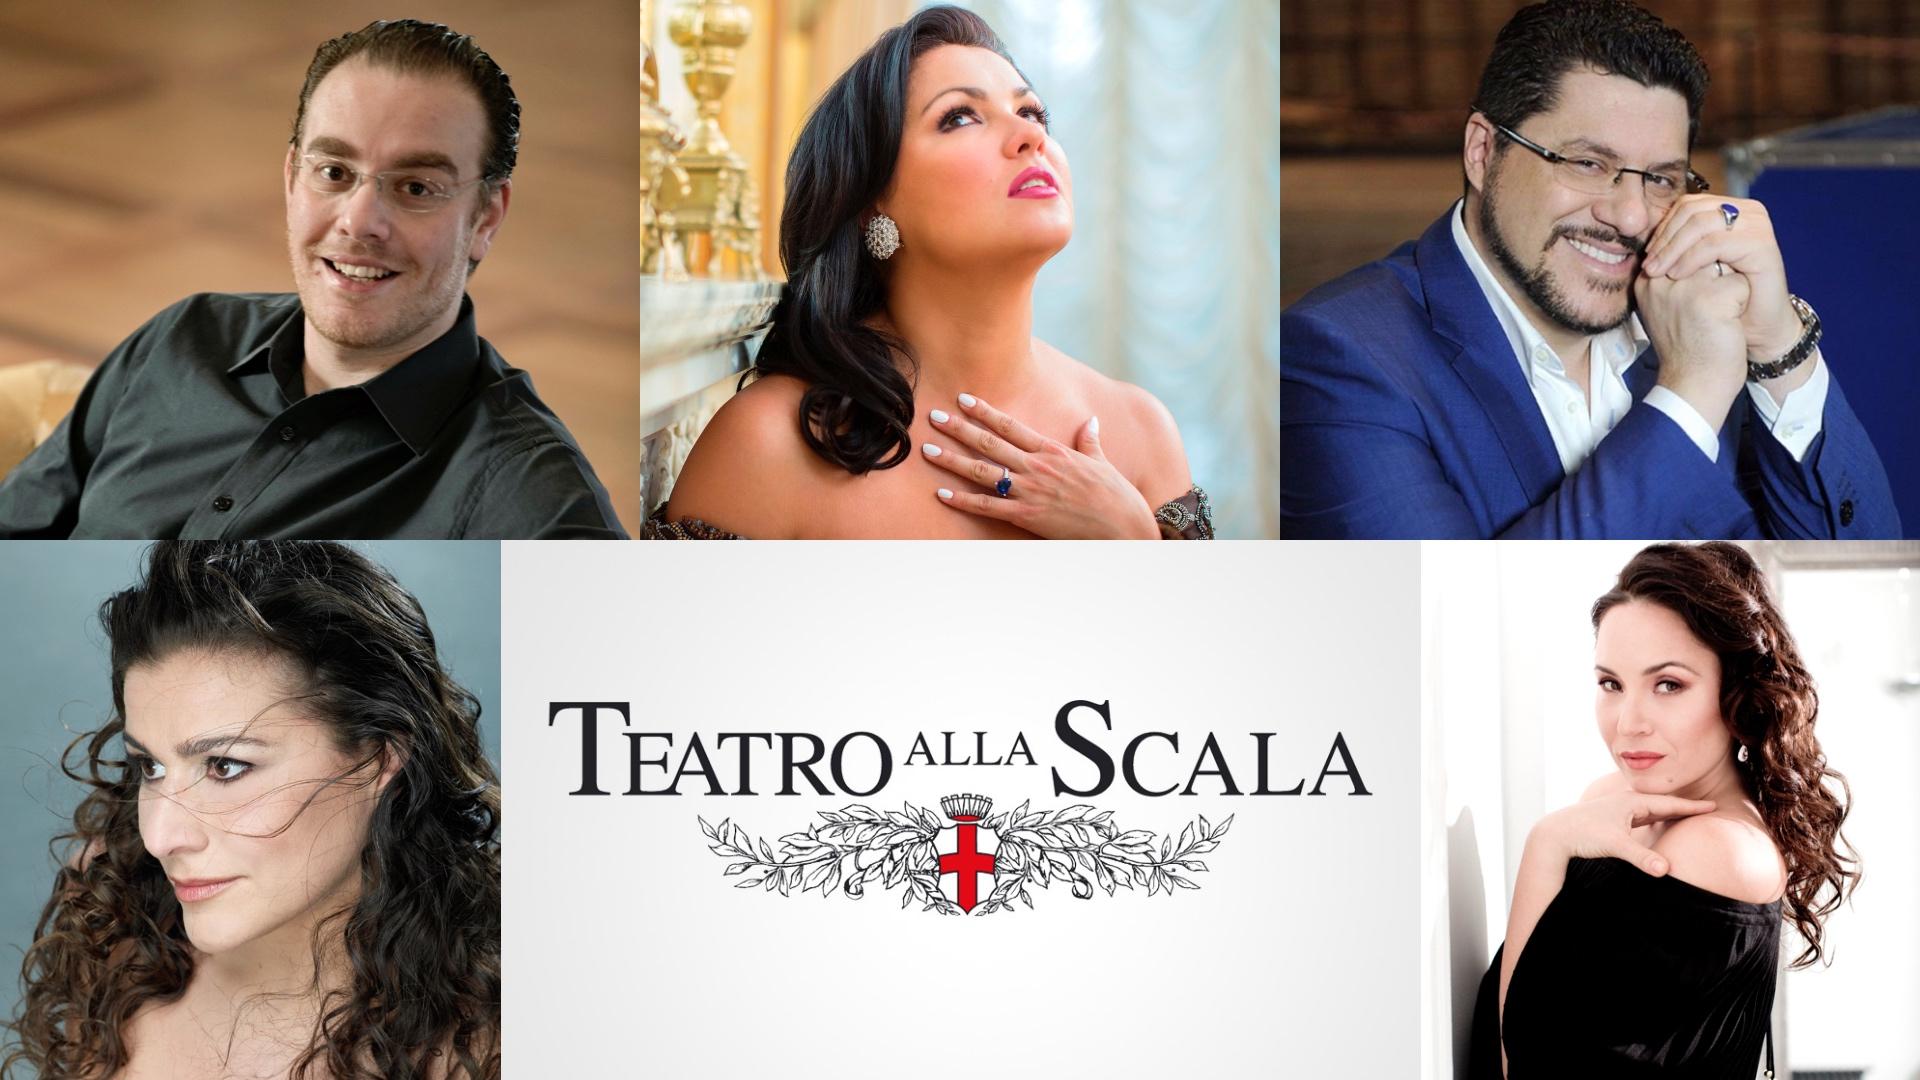 Teatro alla Scala; Milano; Stagione 19/20; Francesco Mieli, Anna Netrebko; Luca Salsi; Cecilia Bartoli; Sonya Yoncheva; Scala1920; Opera; Riccardo Chailly; Davide Livermore